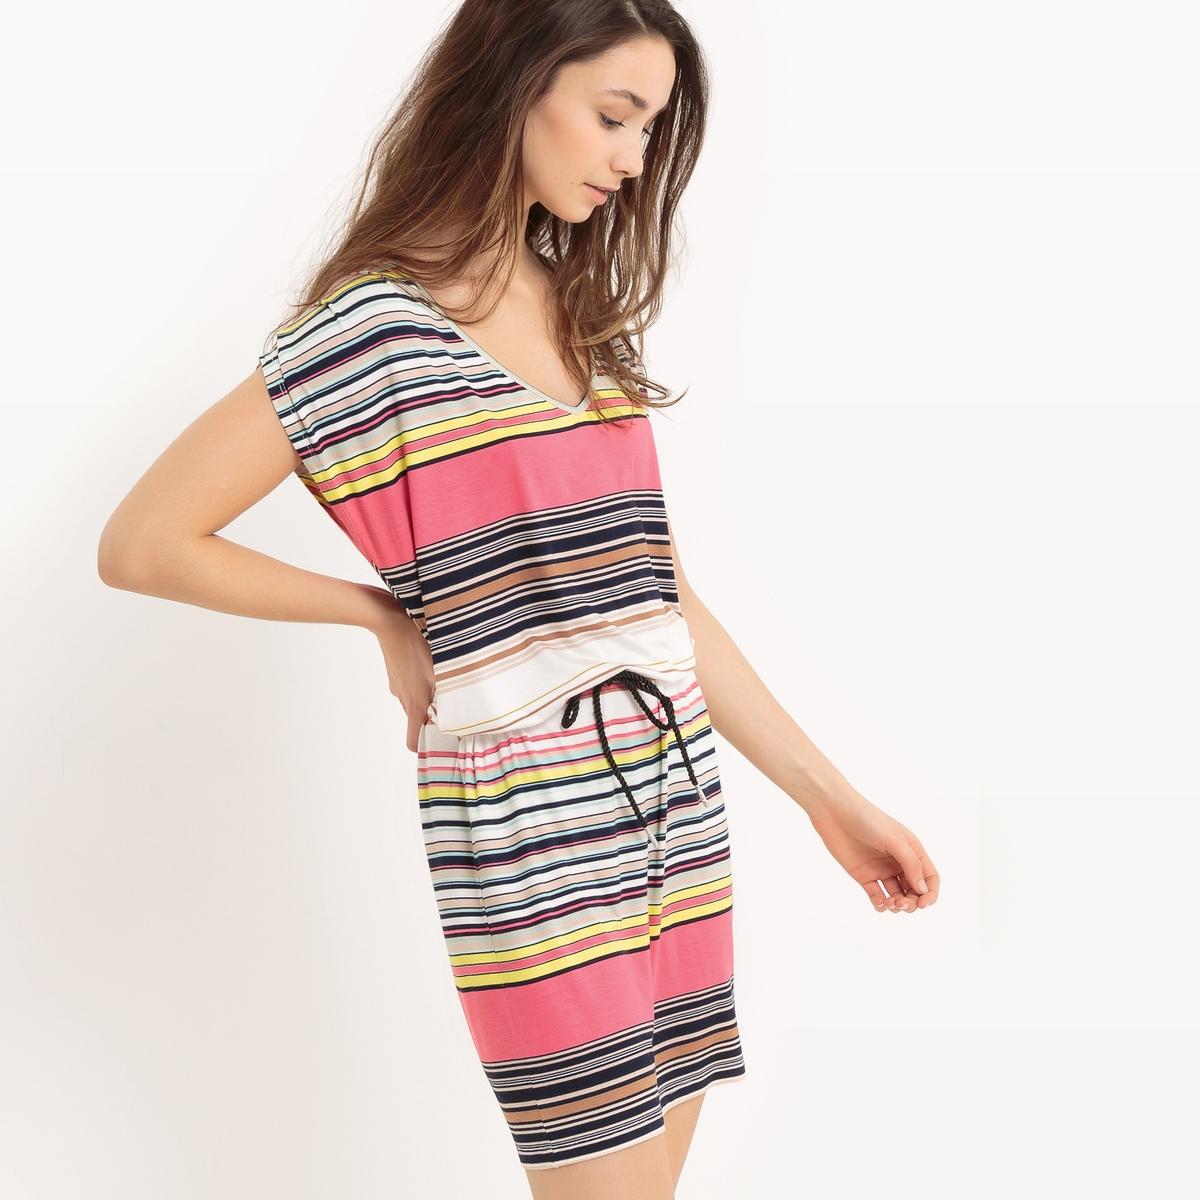 Платье в полоску без рукавовМатериал : 95% вискозы, 5% эластана.  Длина рукава : без рукавов  Форма воротника : без воротника Покрой платья : платье прямого покроя  Рисунок : в полоску.   Длина платья : до колен<br><br>Цвет: в полоску розовый/белый<br>Размер: L